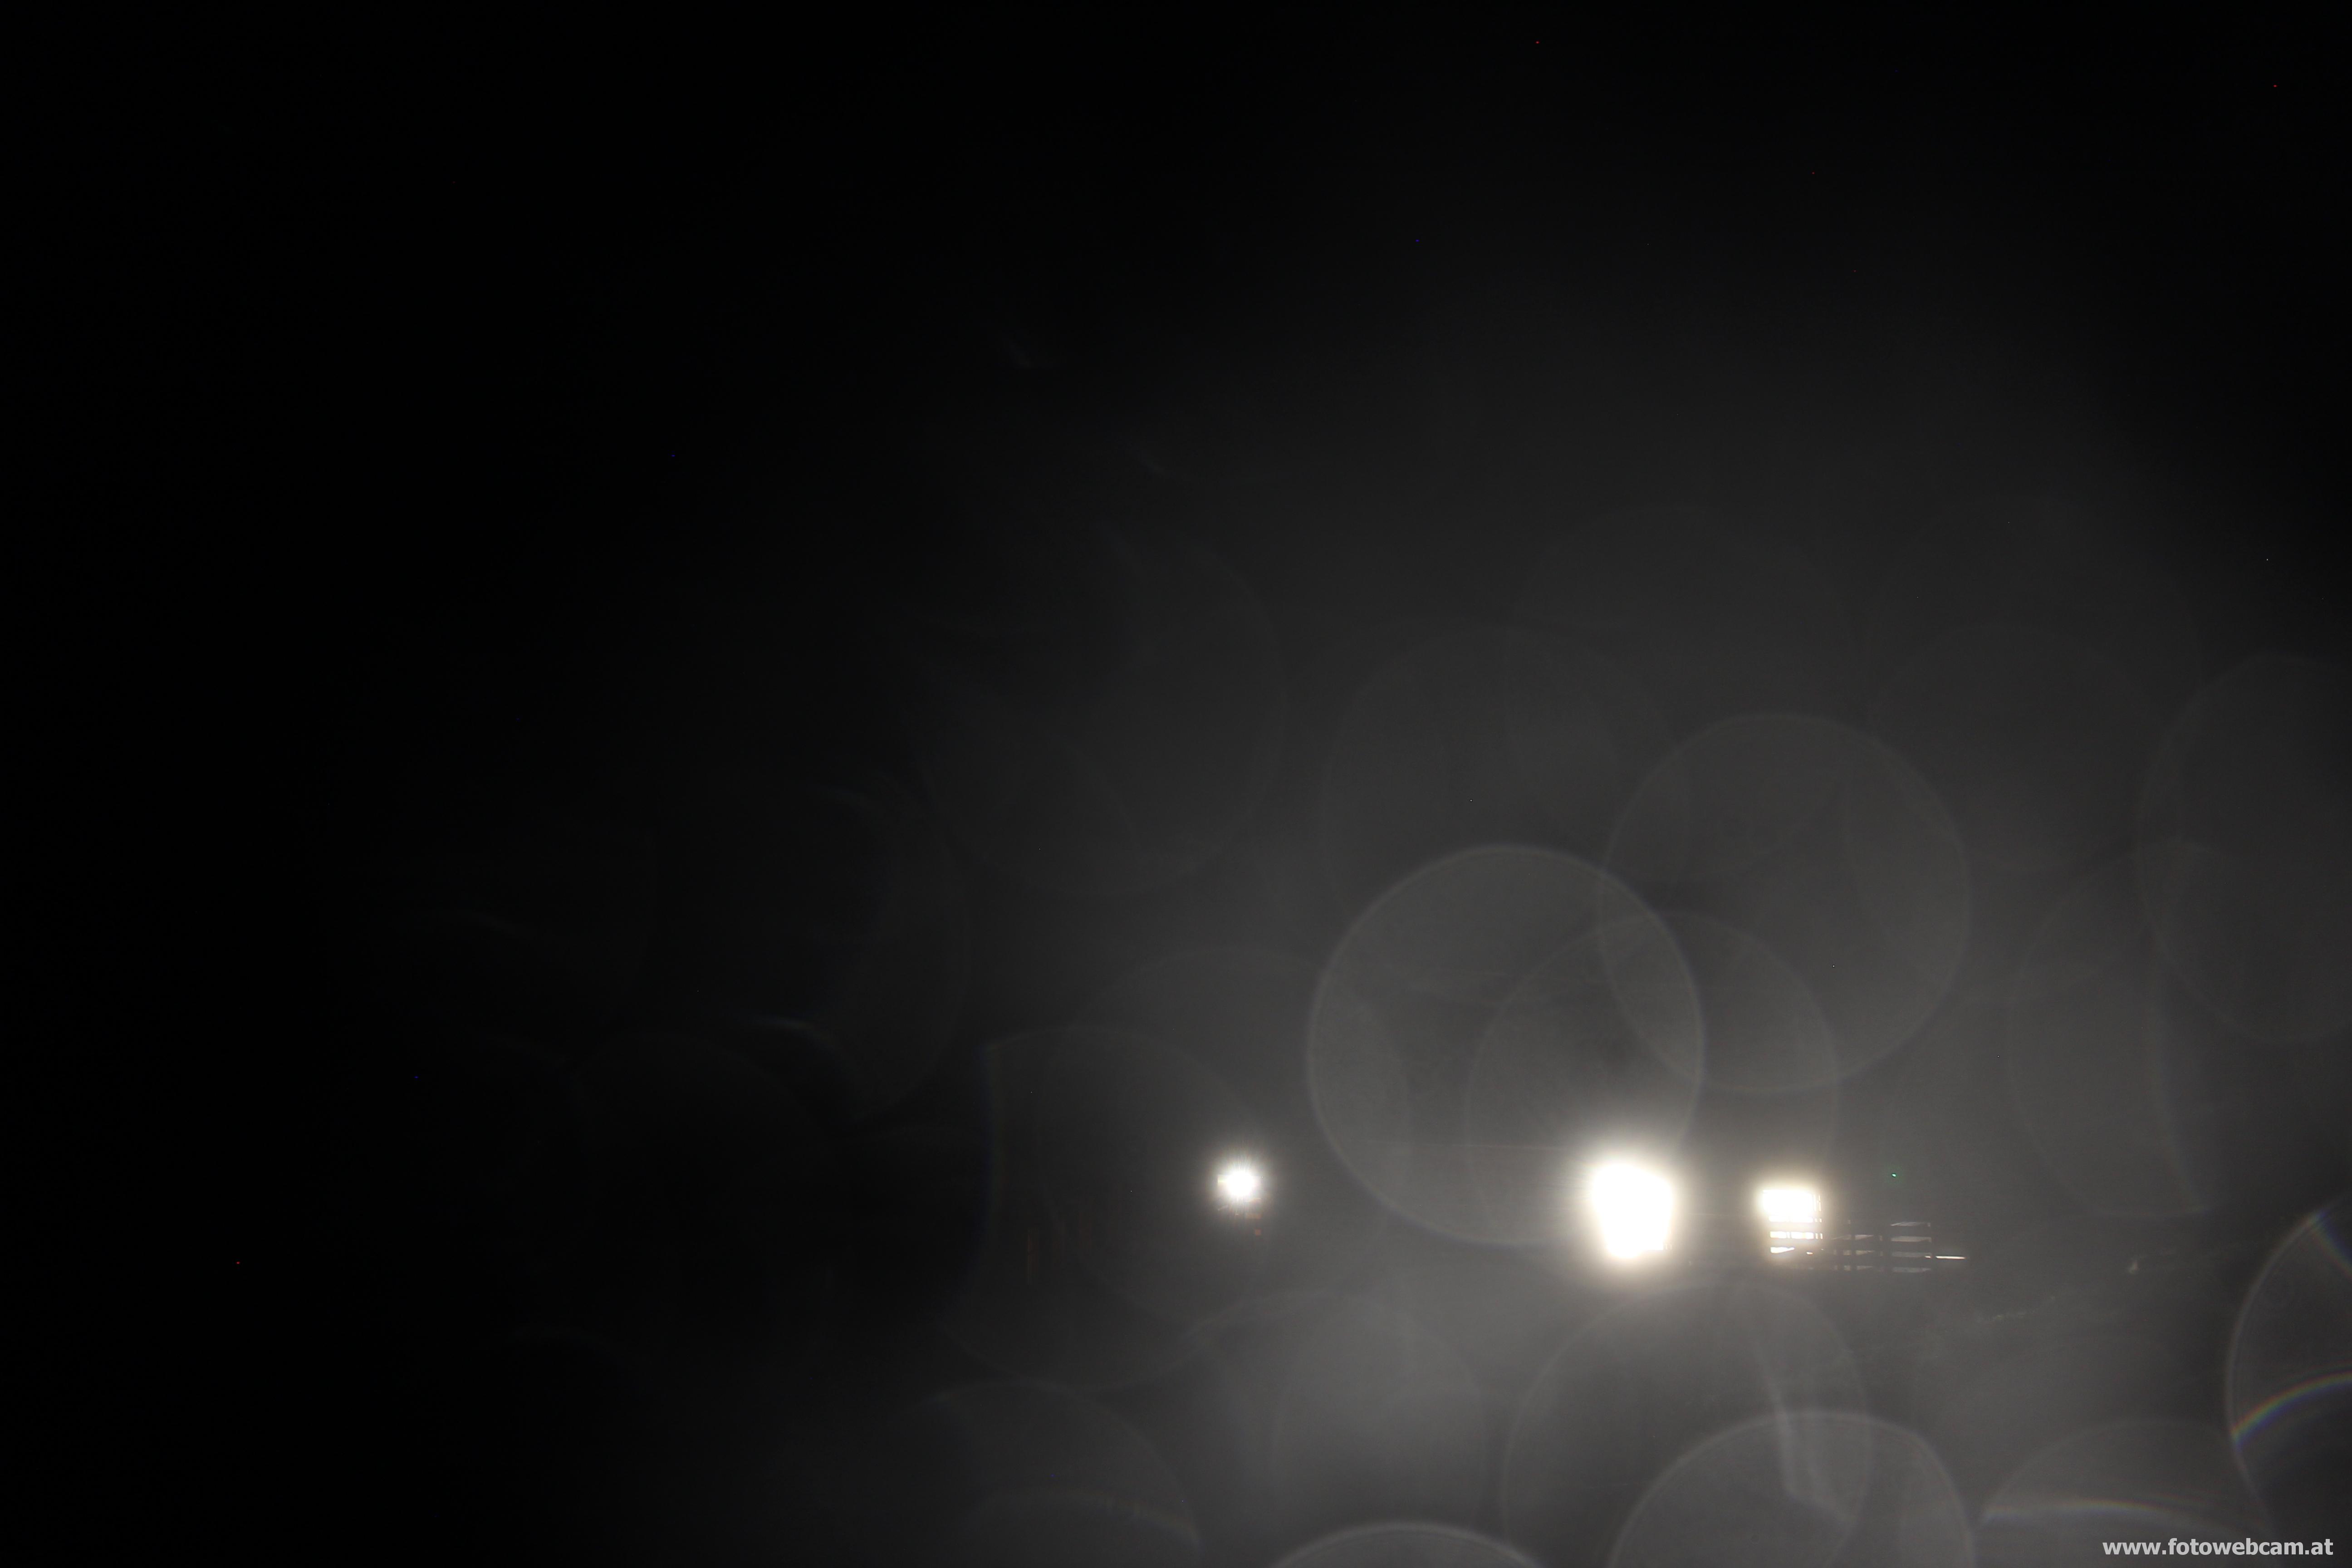 https://nth-huette.de/pix/cam/Mega-live.jpg